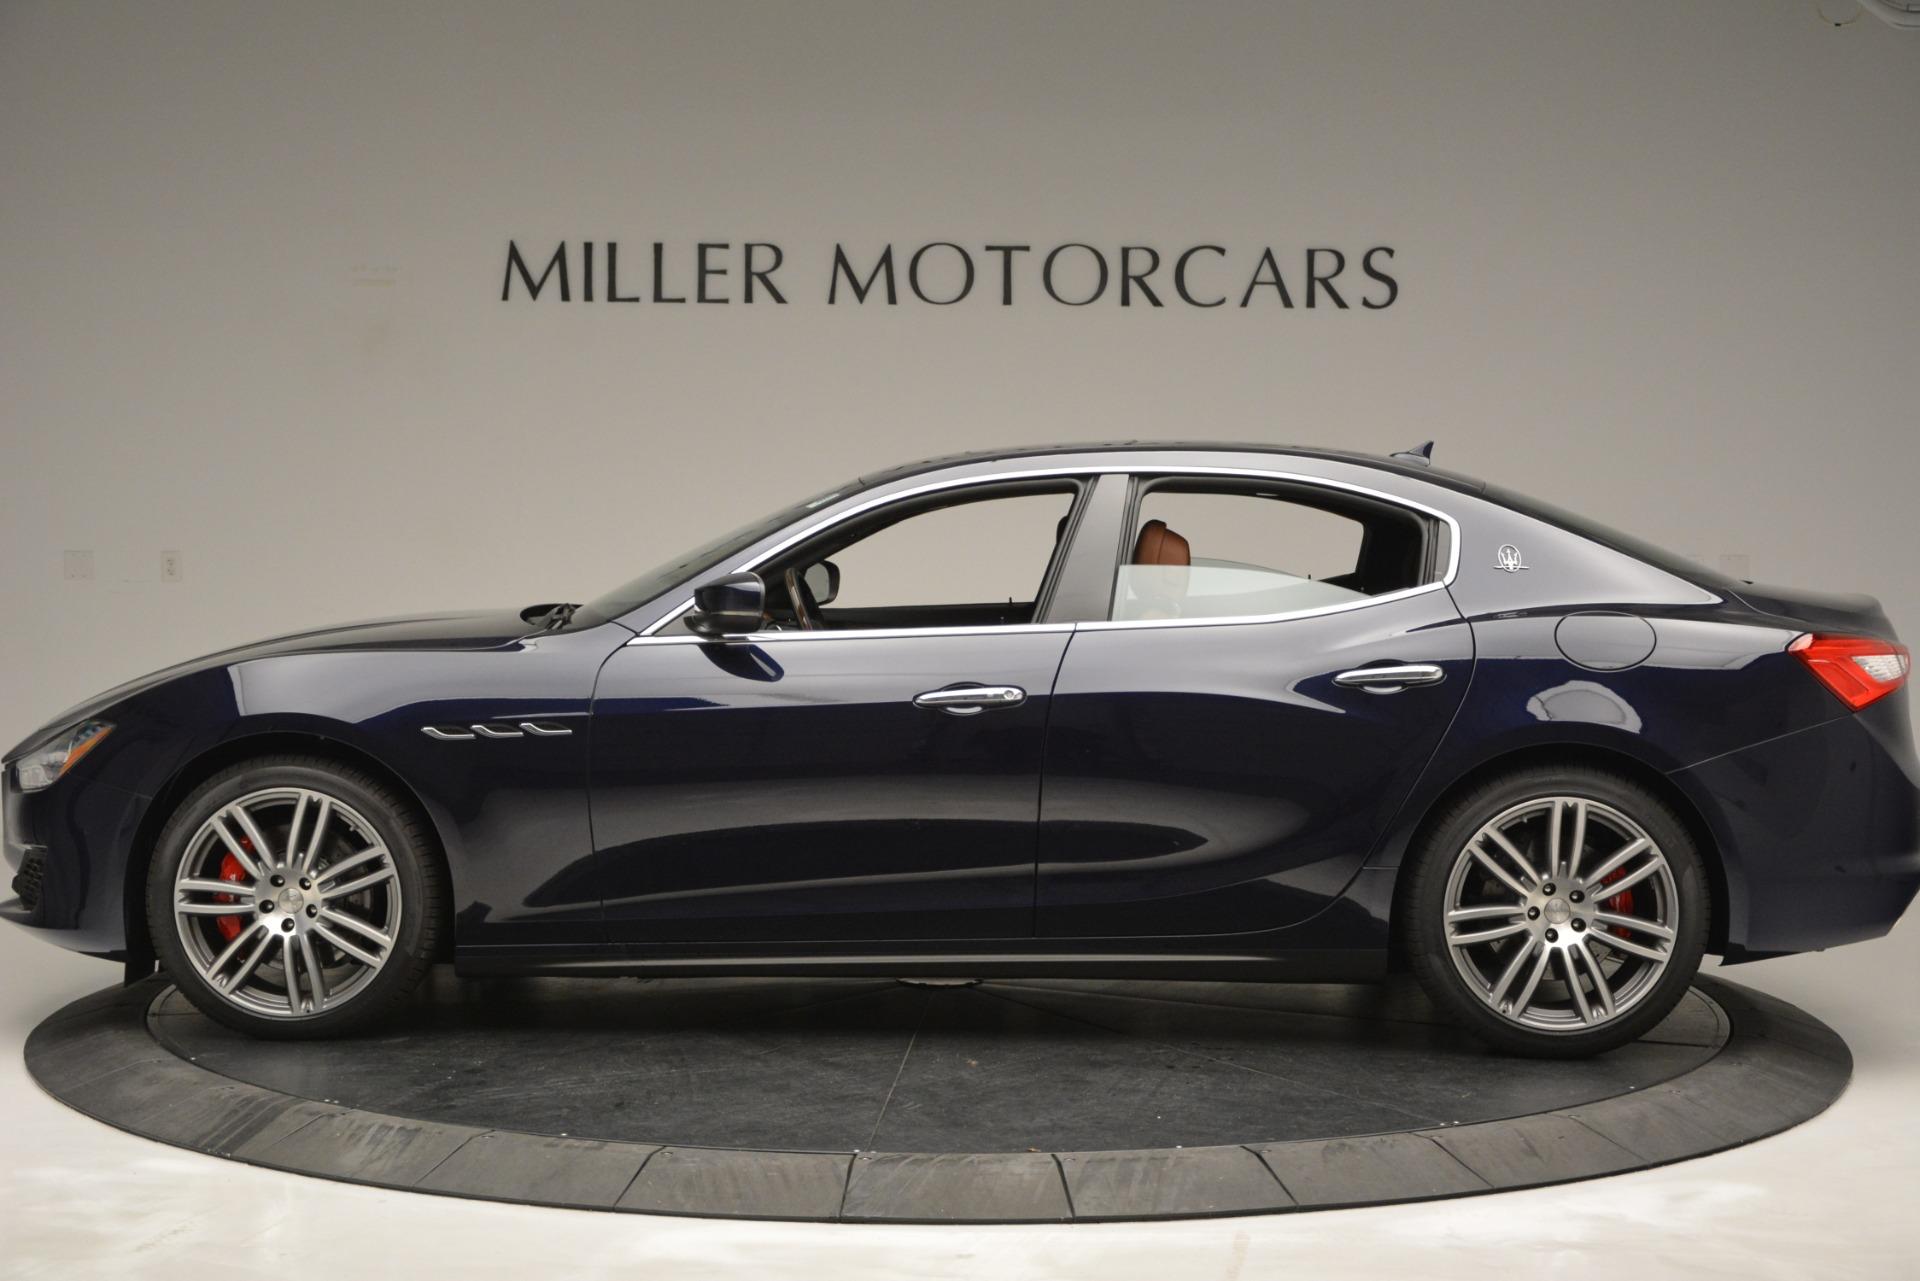 New 2019 Maserati Ghibli S Q4 For Sale In Greenwich, CT 2583_p3